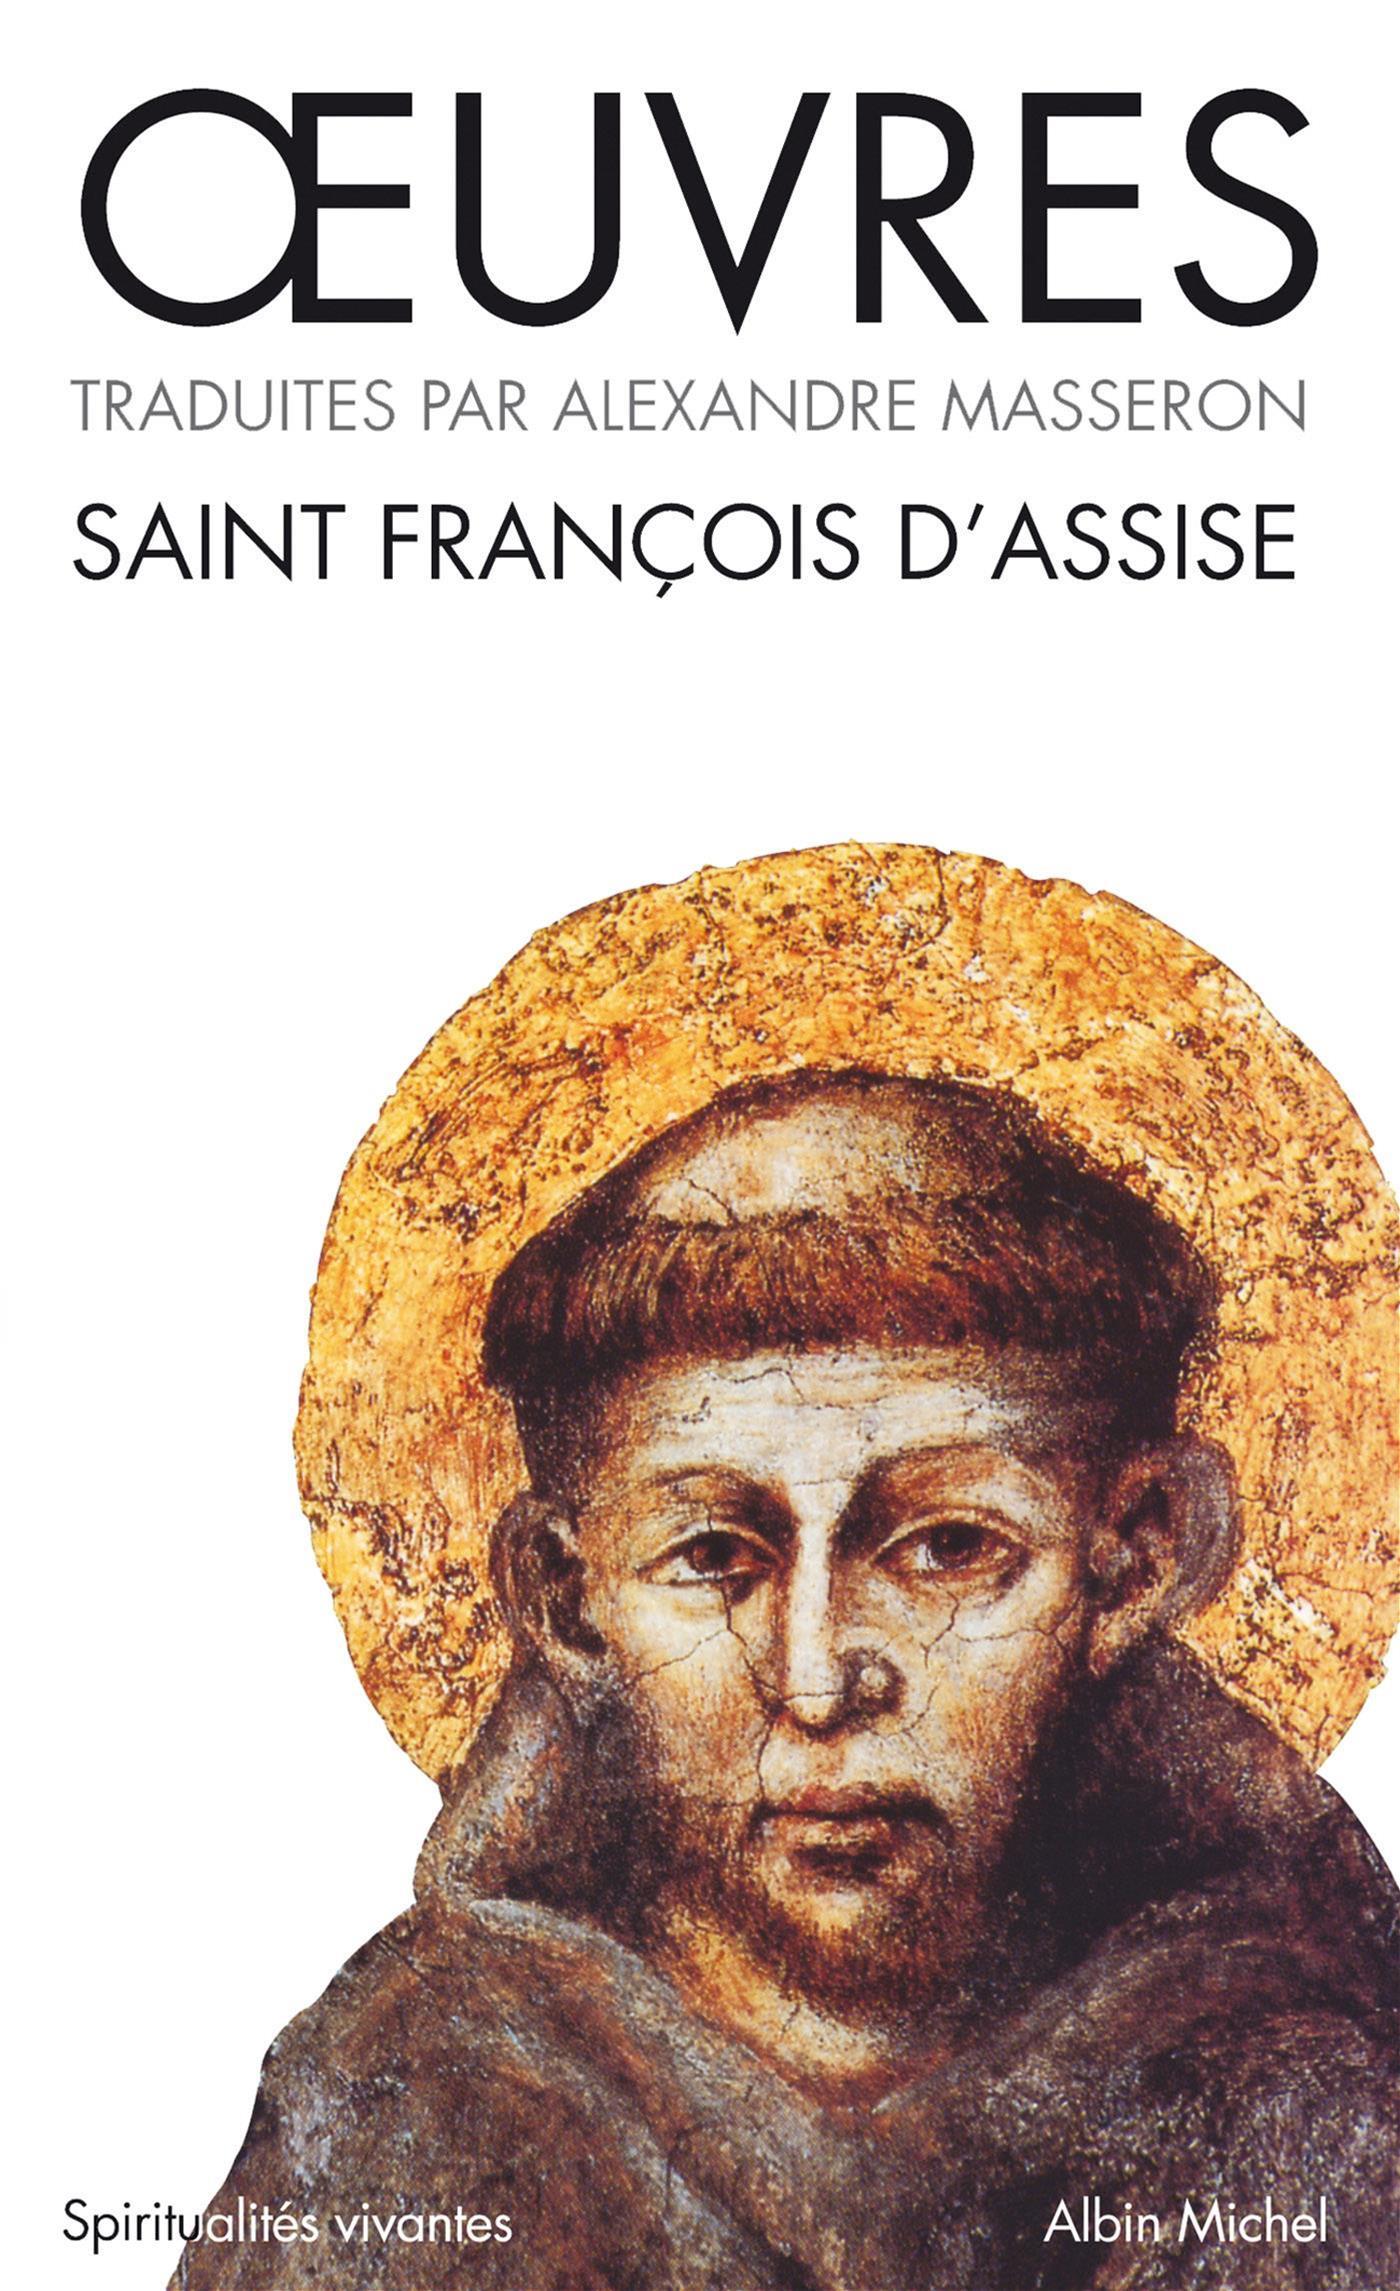 Oeuvres de Saint-François d'Assise